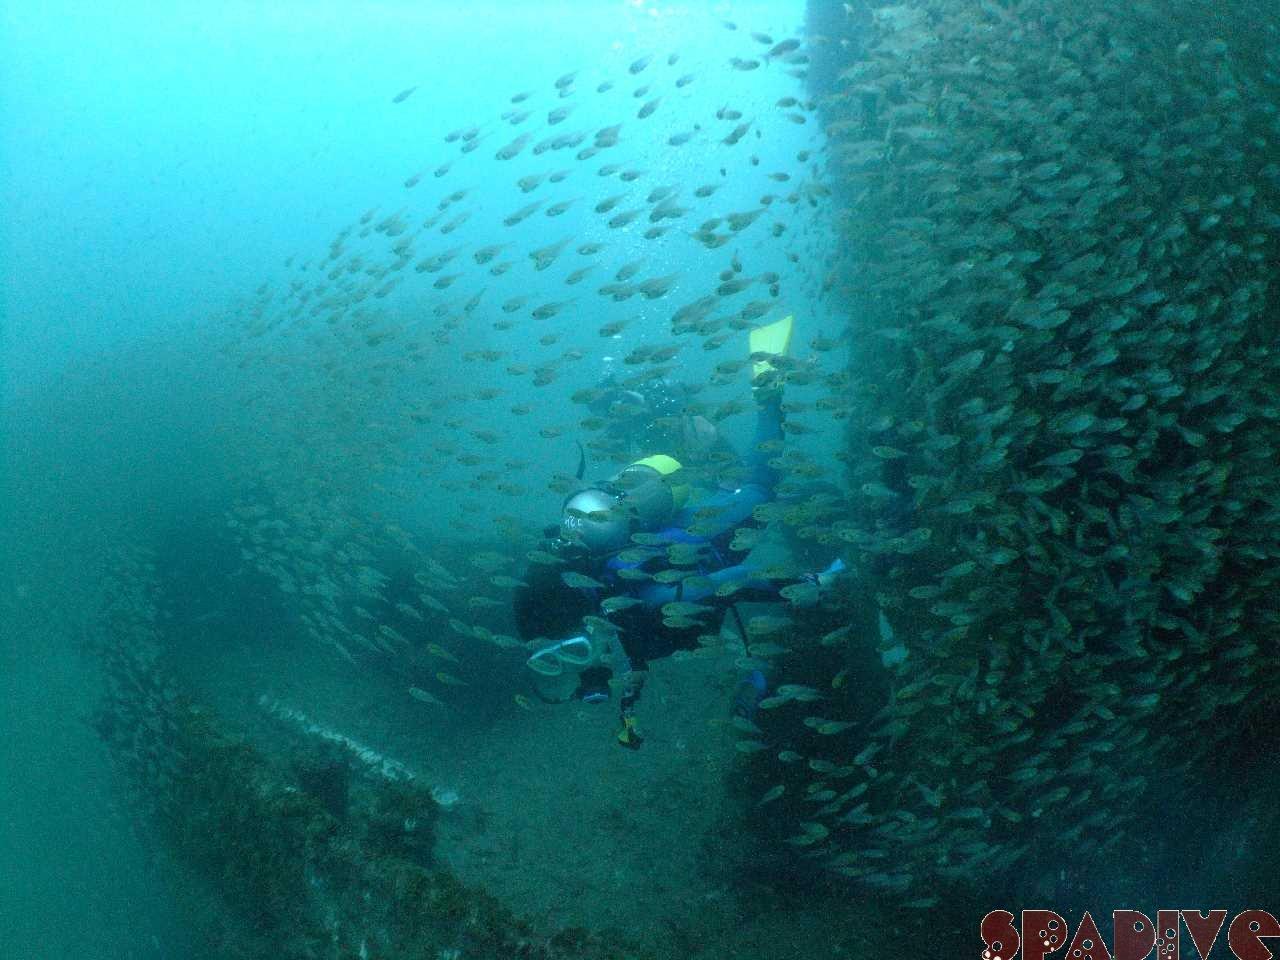 Wアーチ 沈船ボートダイブでAOWコース|6/27/2012 海情報